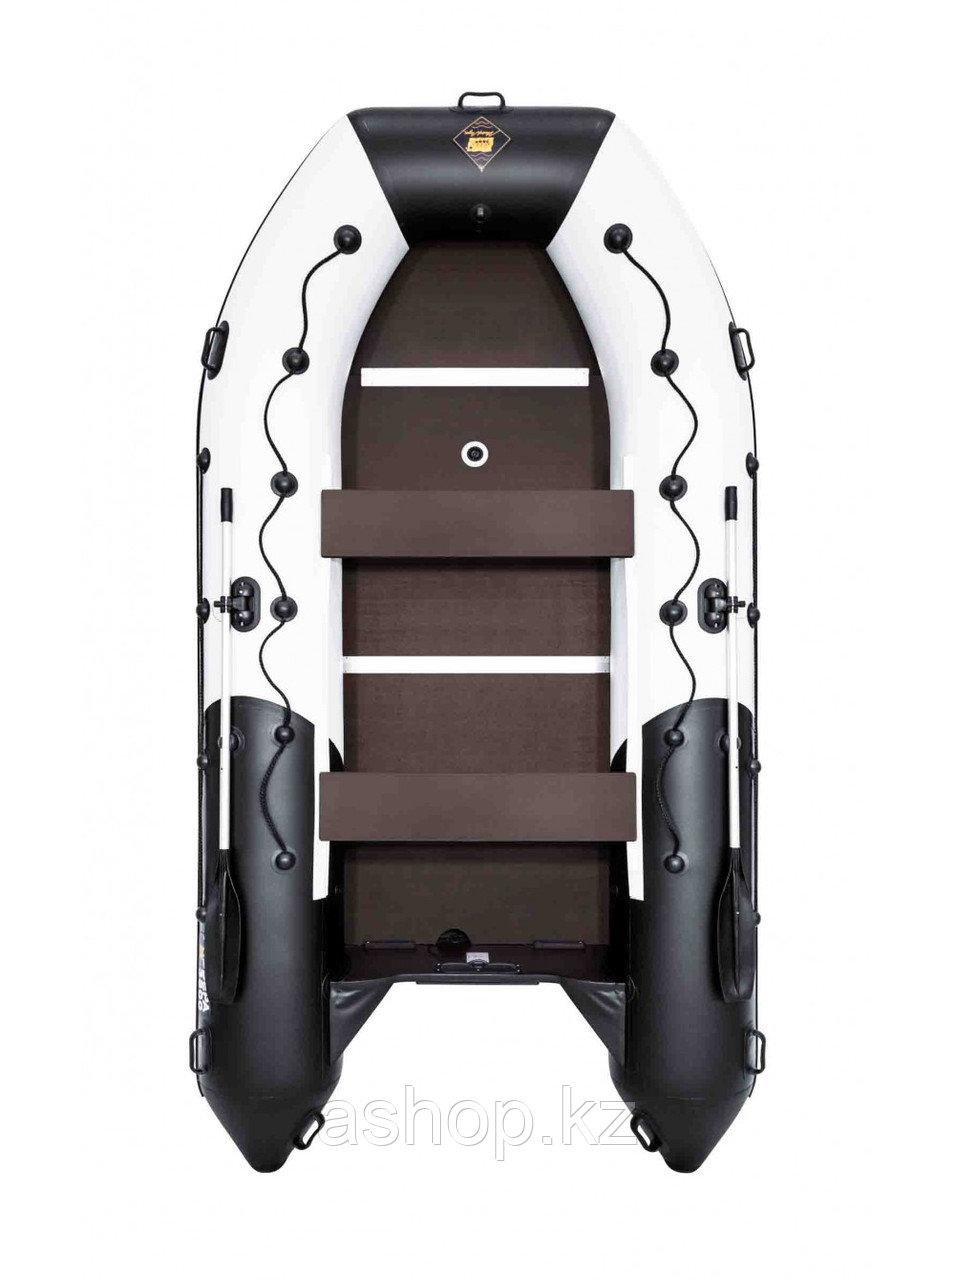 Лодка надувная моторно-гребная килевая Ривьера Максима  3800 СК, Грузоподъемность: 850кг, Вместимость: 5 чел.,